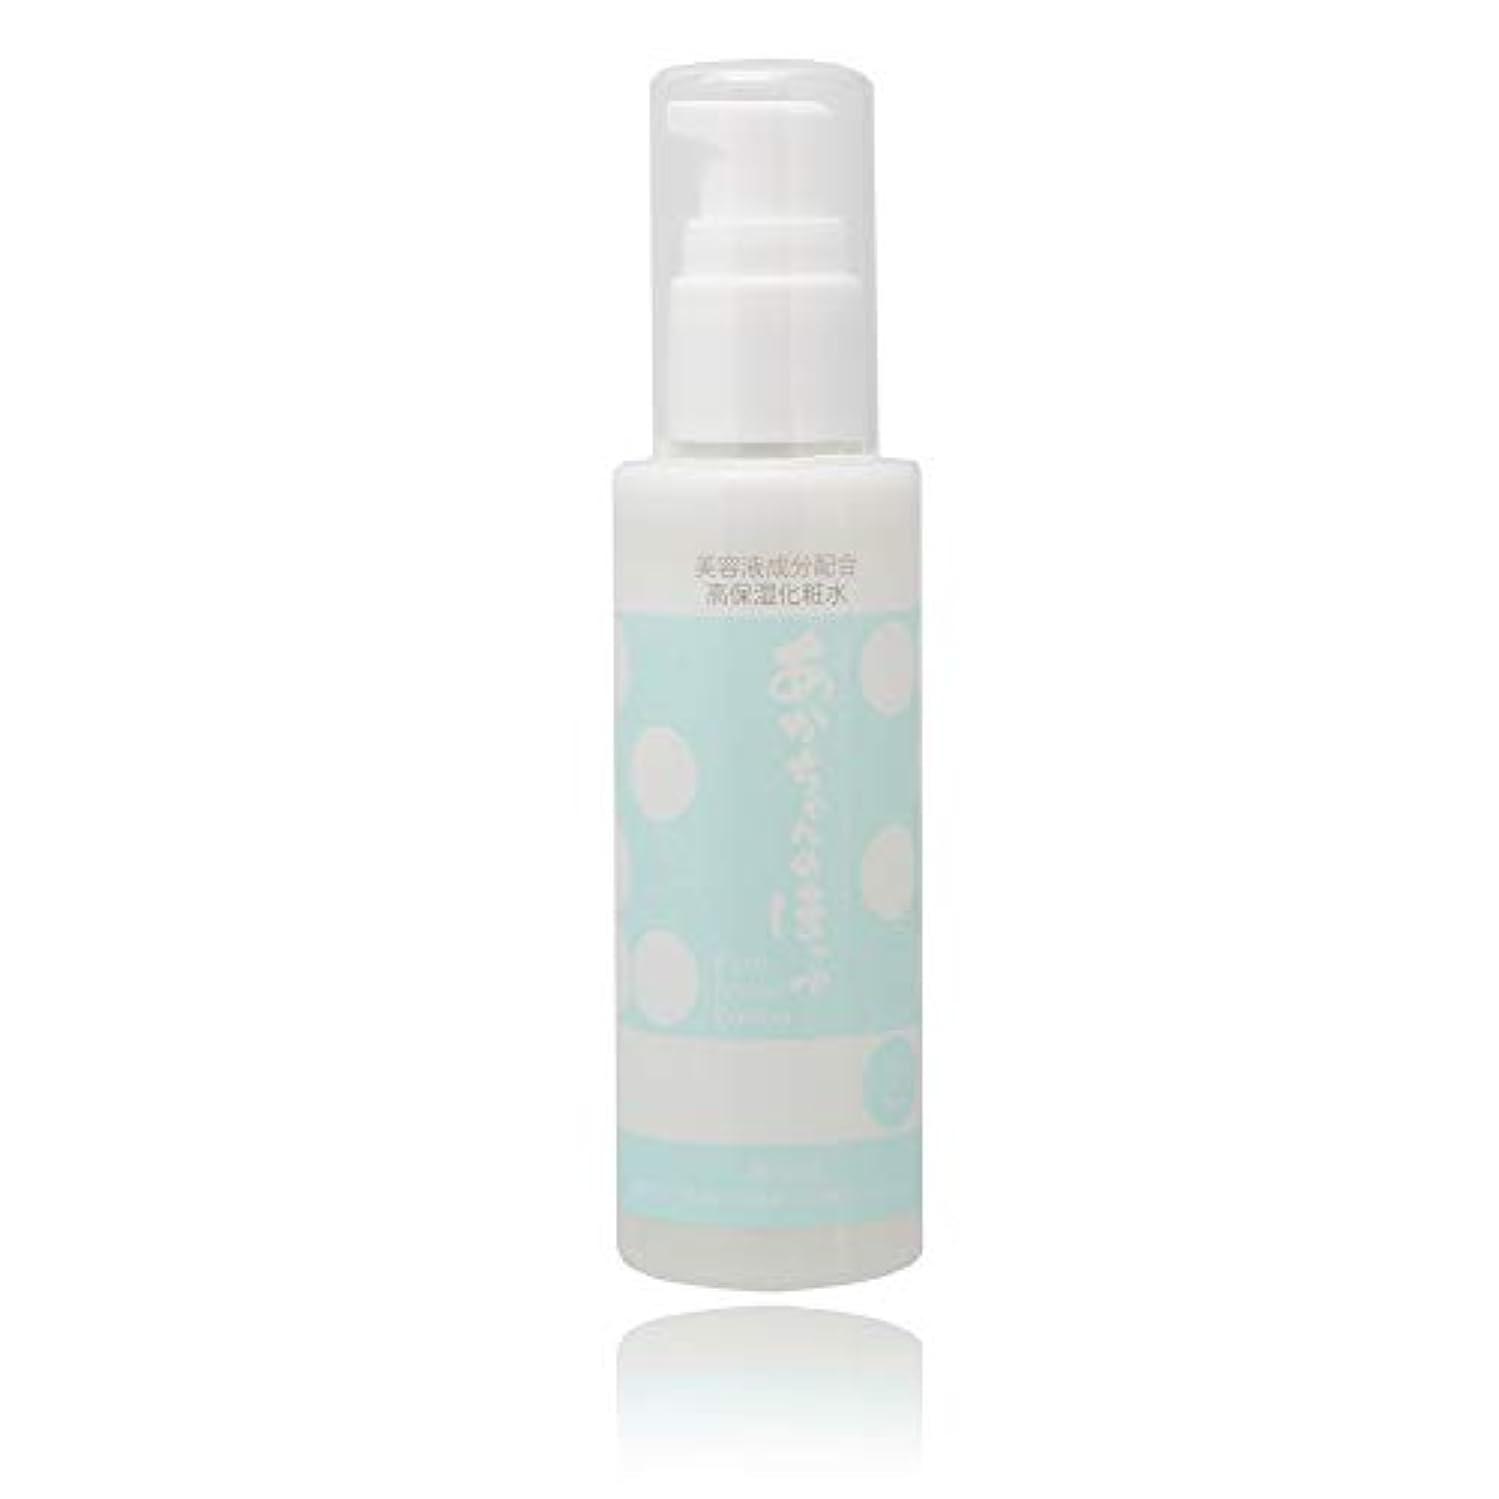 ロデオ合図専門知識美容液からつくった高保湿栄養化粧水 「あかちゃんのほっぺ」 PureMoist 80ml 明日のお肌が好きになる化粧水